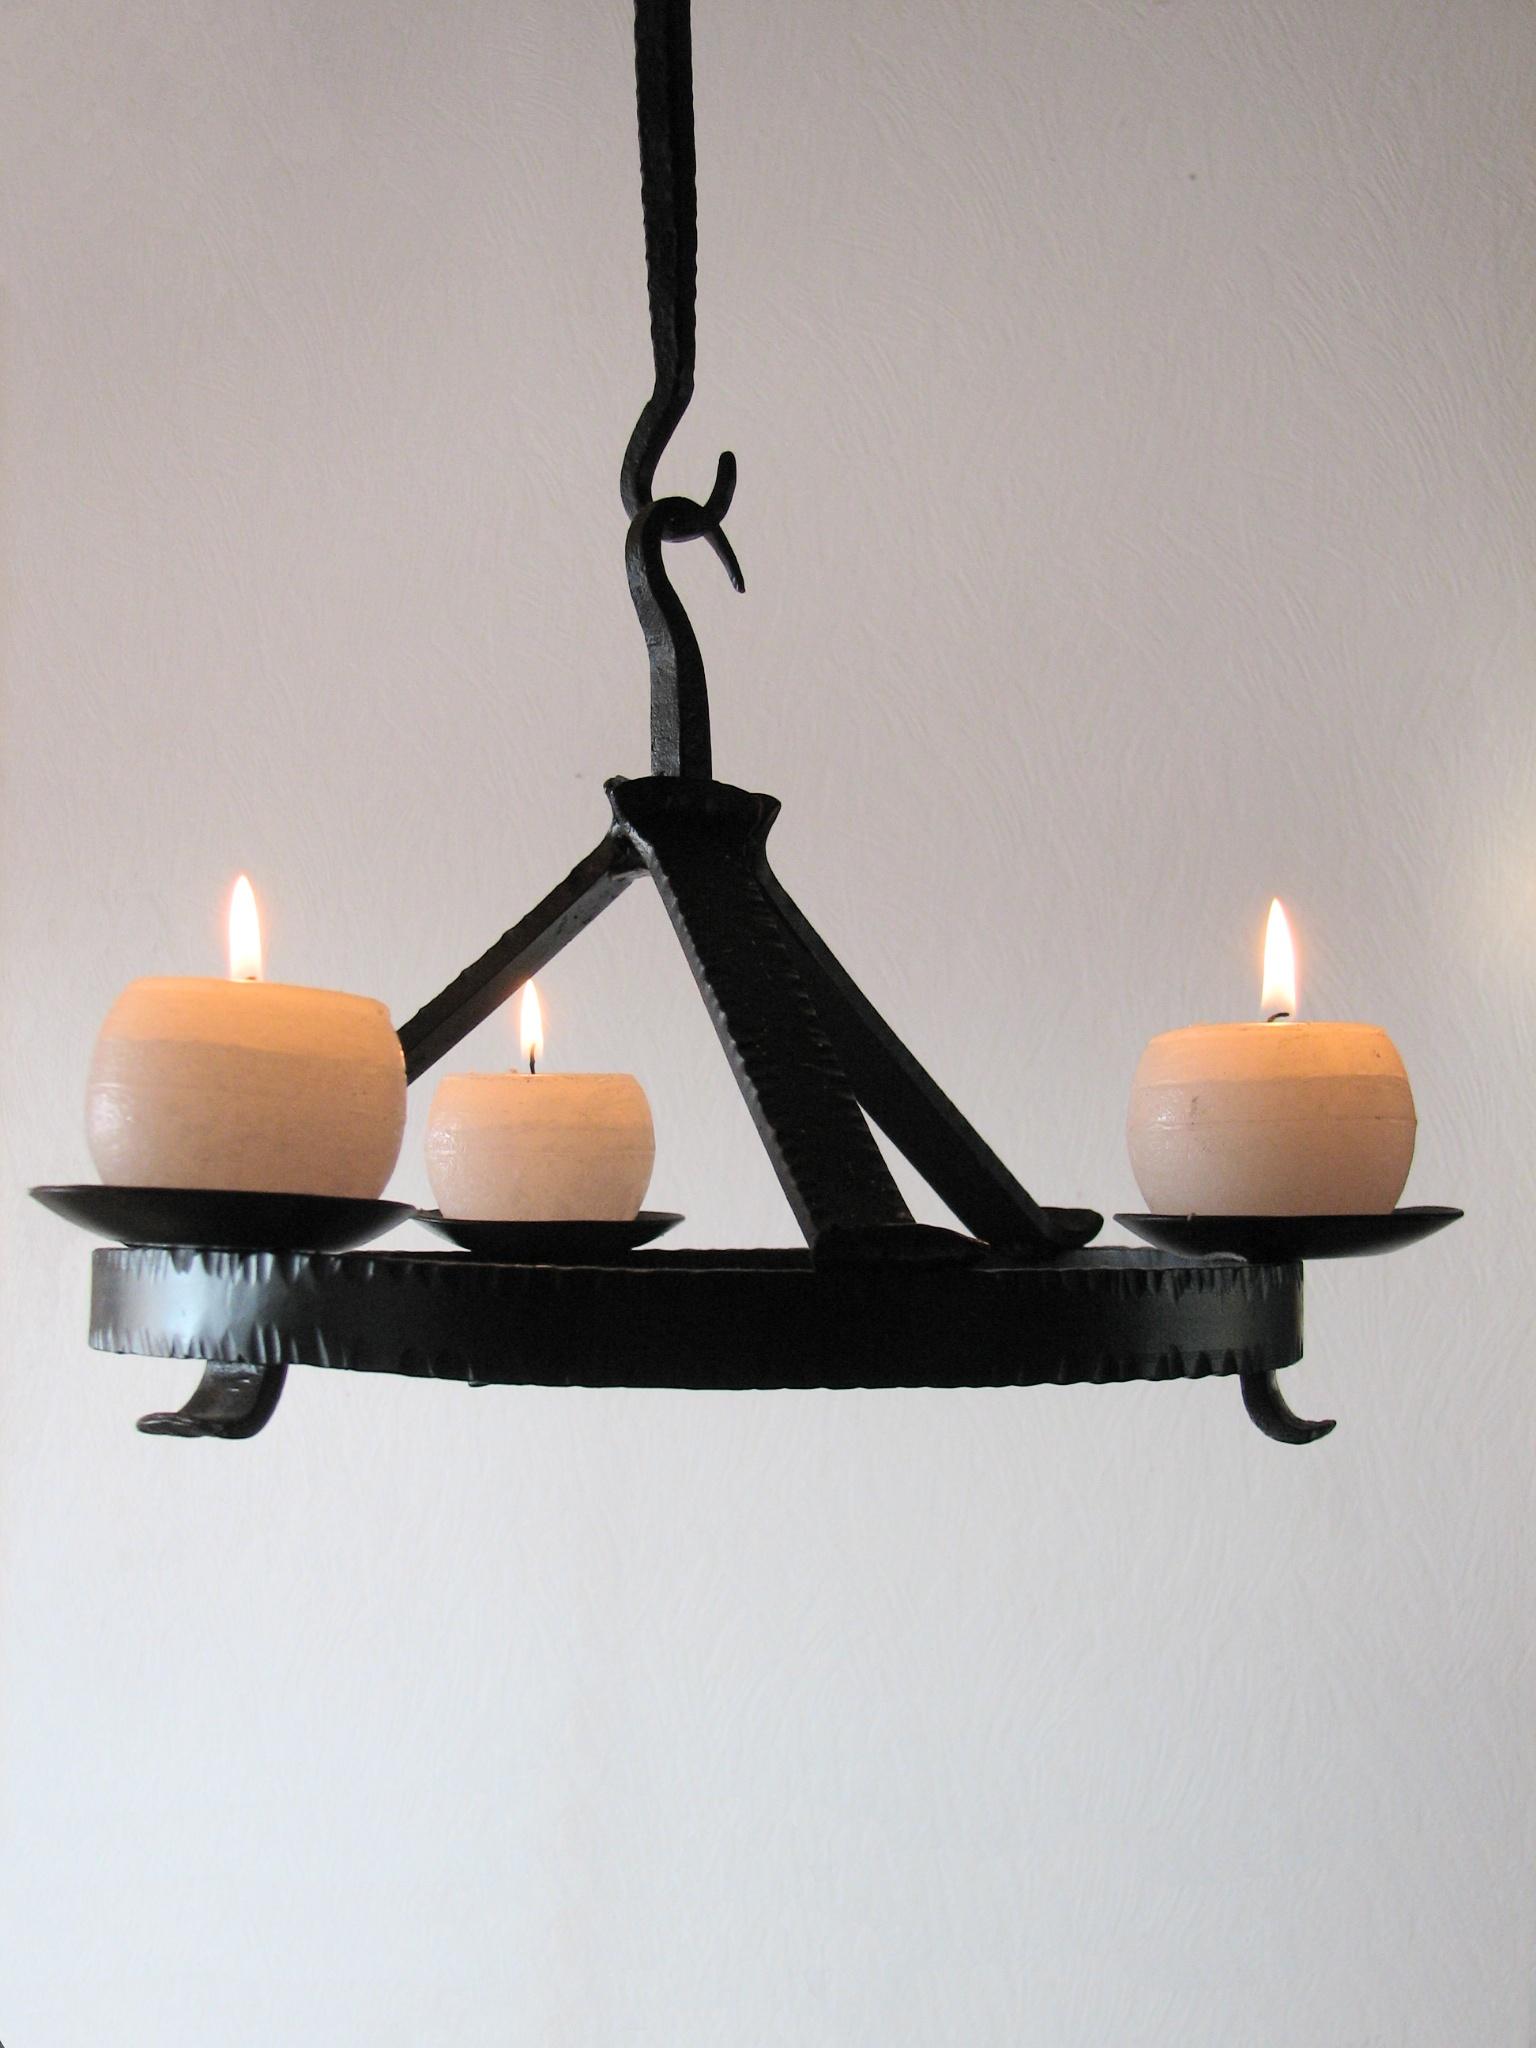 Ljuskronor - Ljuskrona för tre grova ljus.